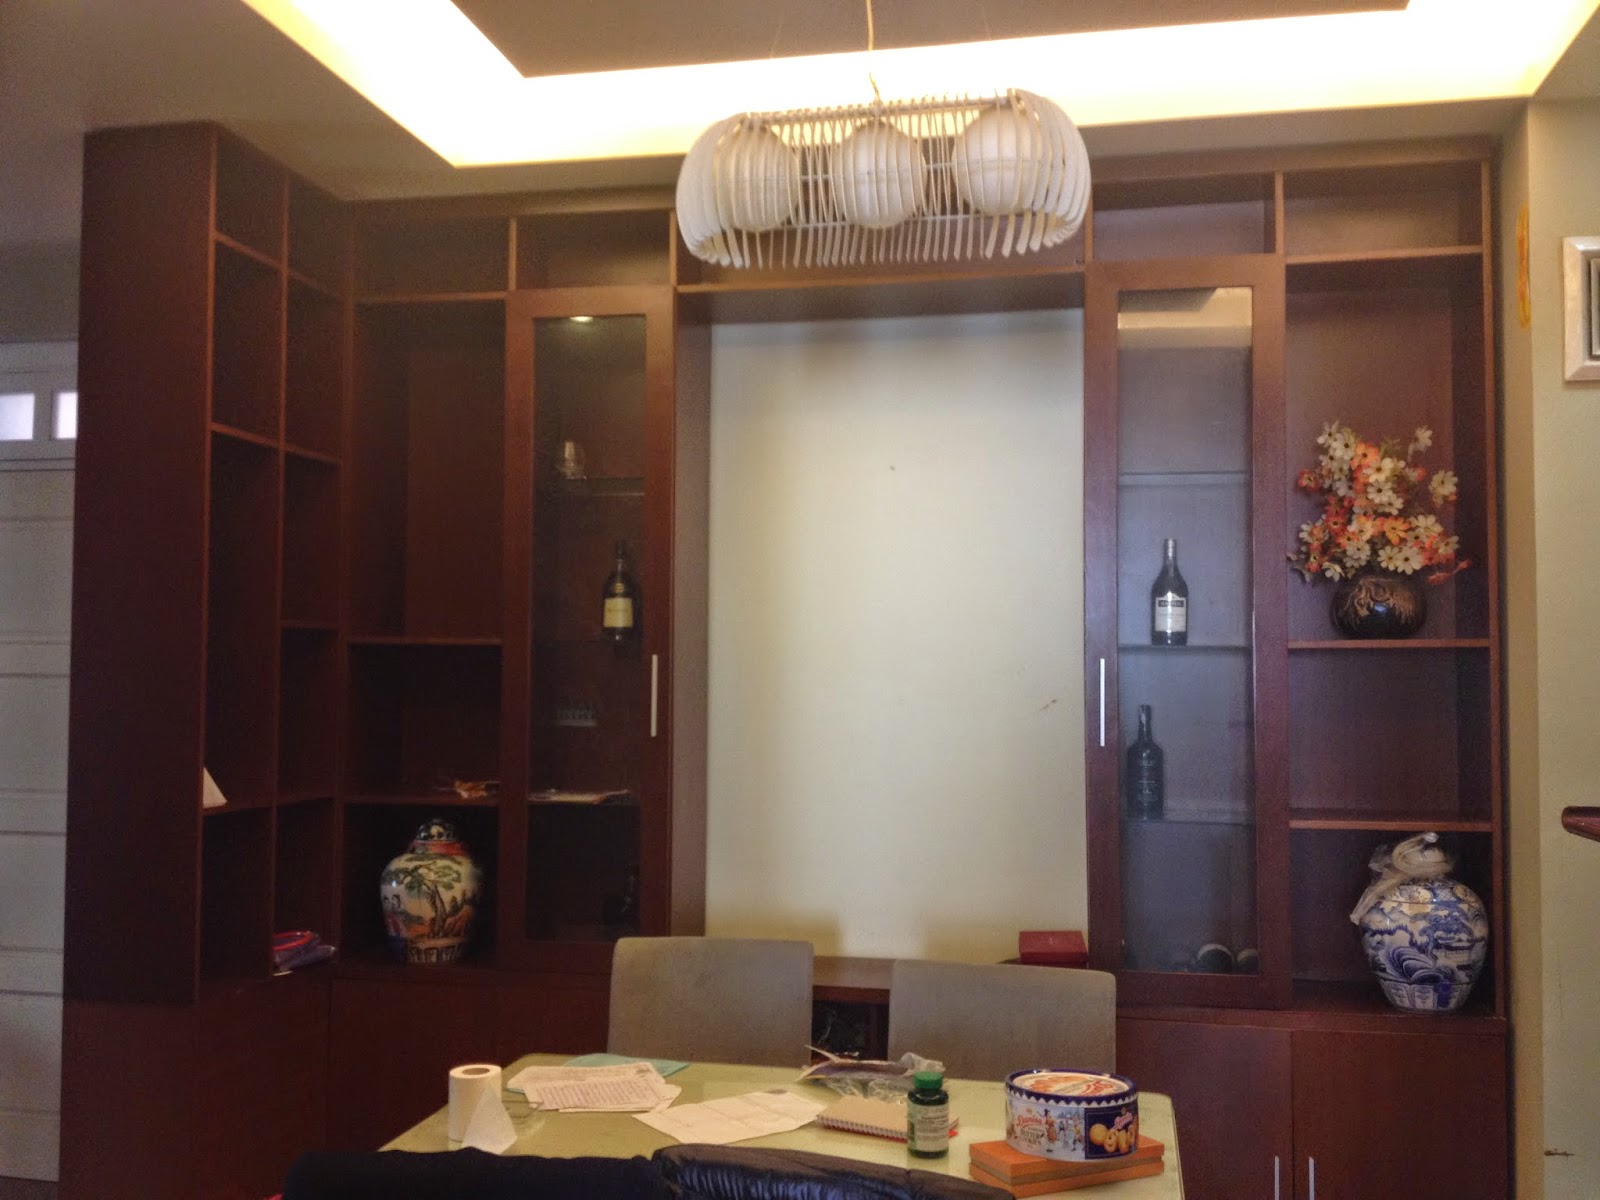 Phòng ăn căn hộ chung cư giá rẻ C5 Khu Đô Thị Mỹ Đình 1